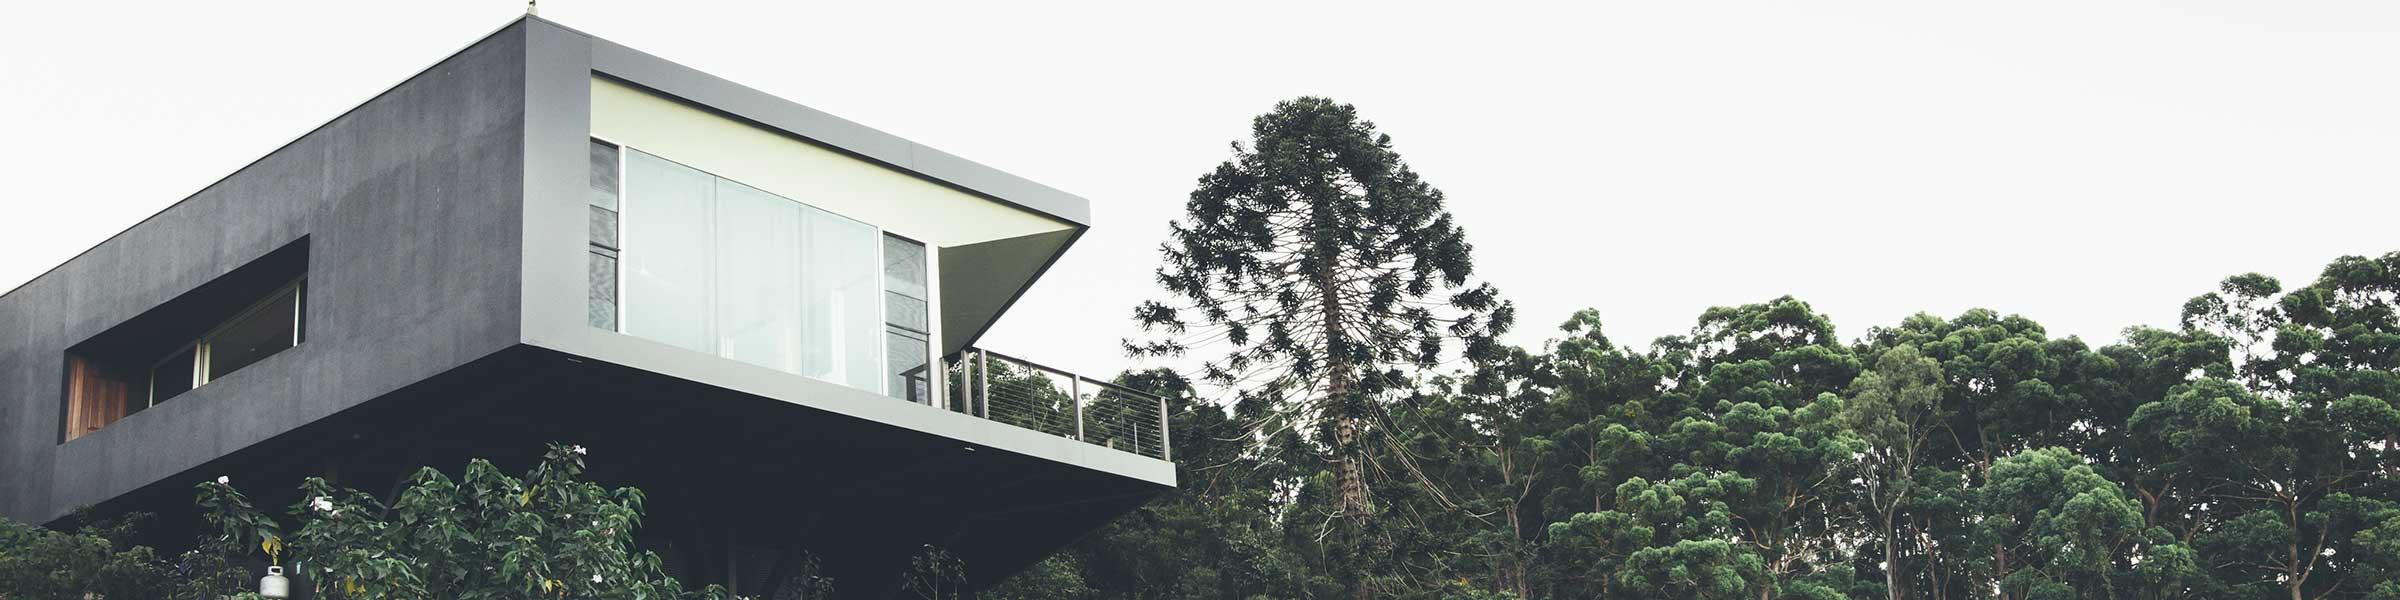 Habitusliving | Residential Architecture & Design in Australia Asia ...